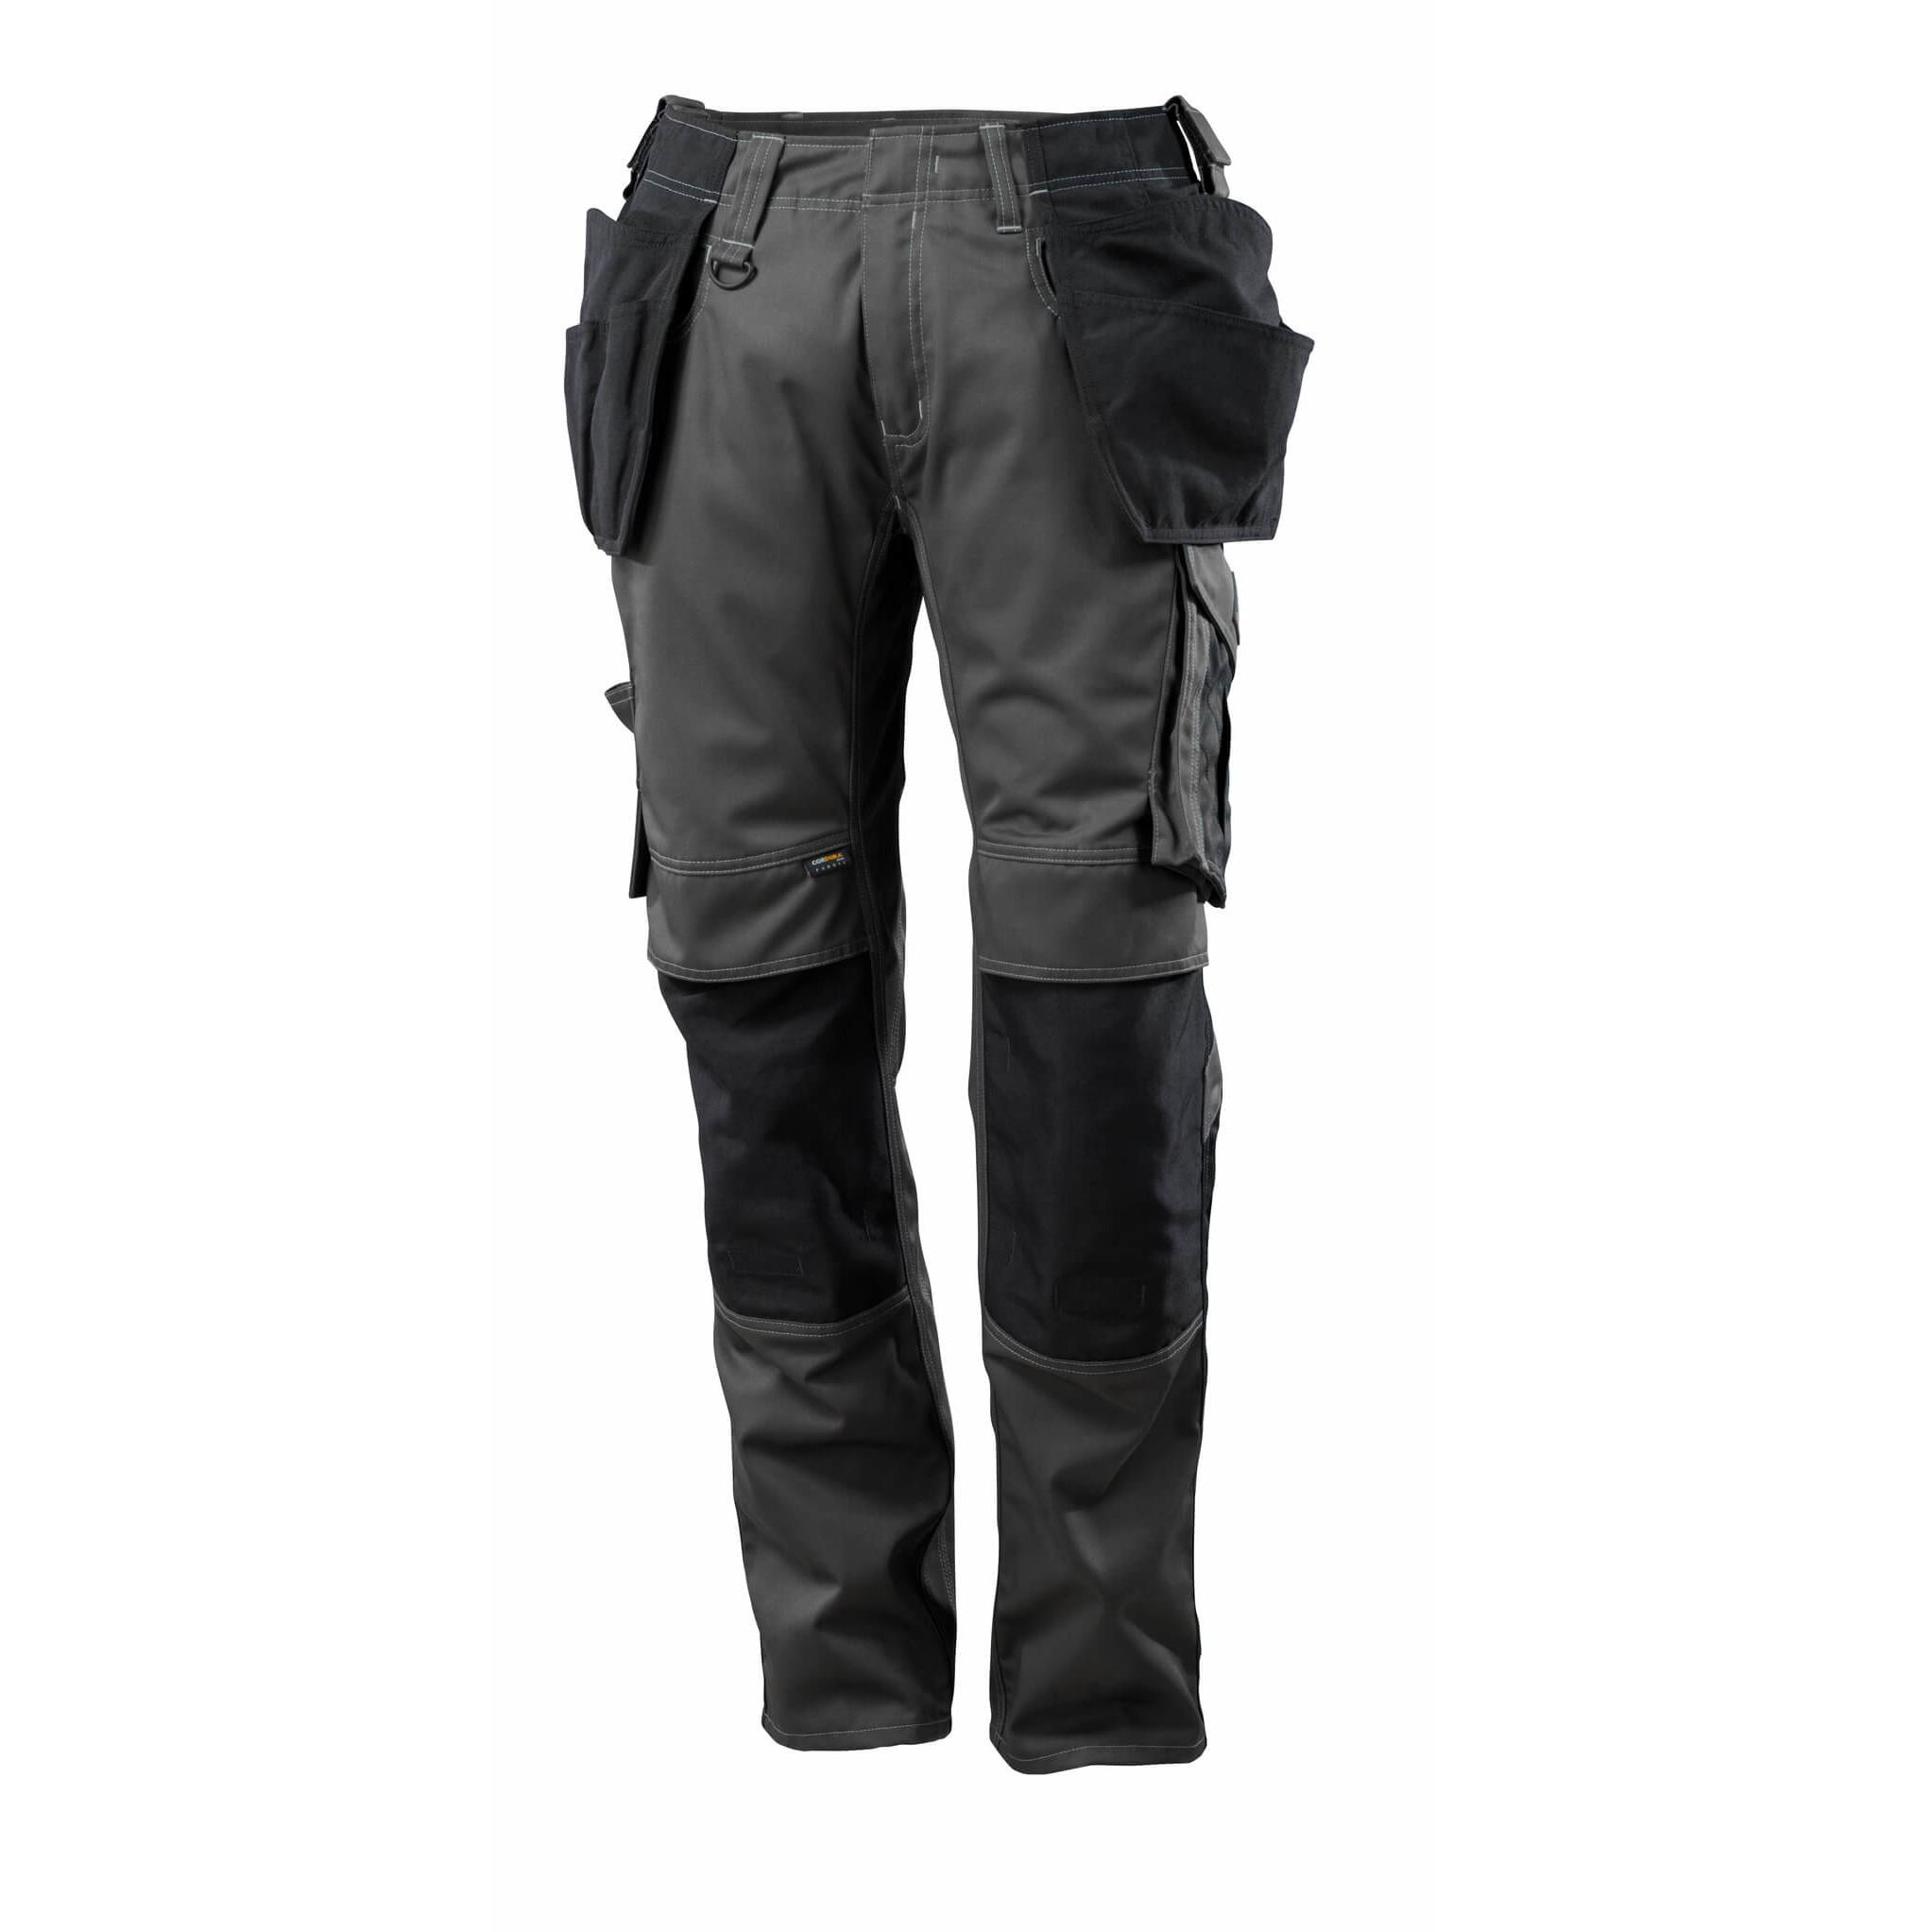 Pracovné nohavice MASCOT - UNIQUE Kassel, čierna farba